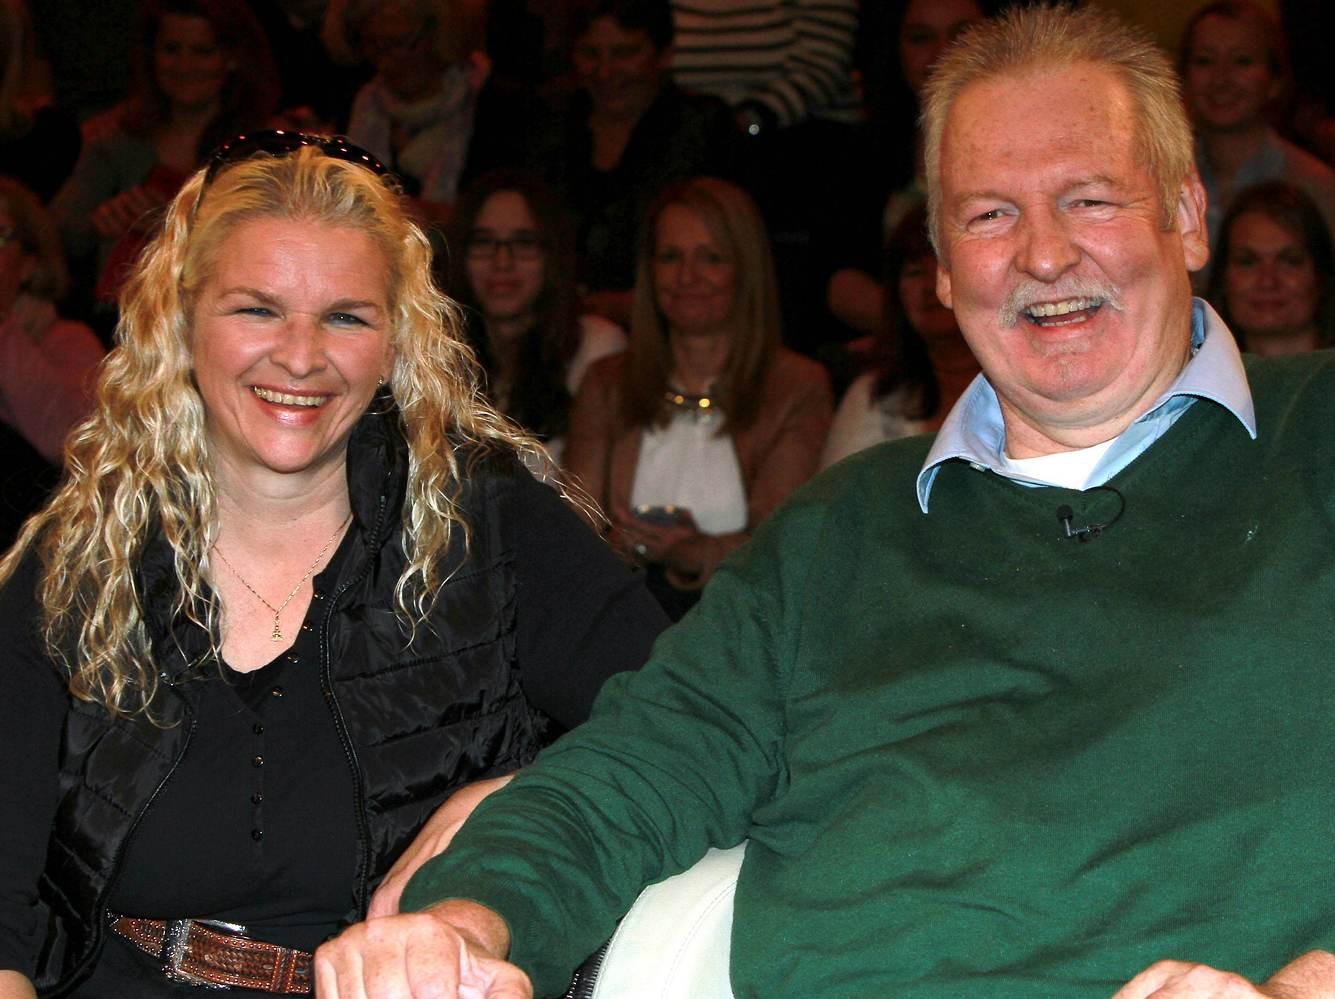 Tamme Hanken Pferde-Chiropraktiker mit seiner Ehefrau Carmen bei Markus Lanz 2015.